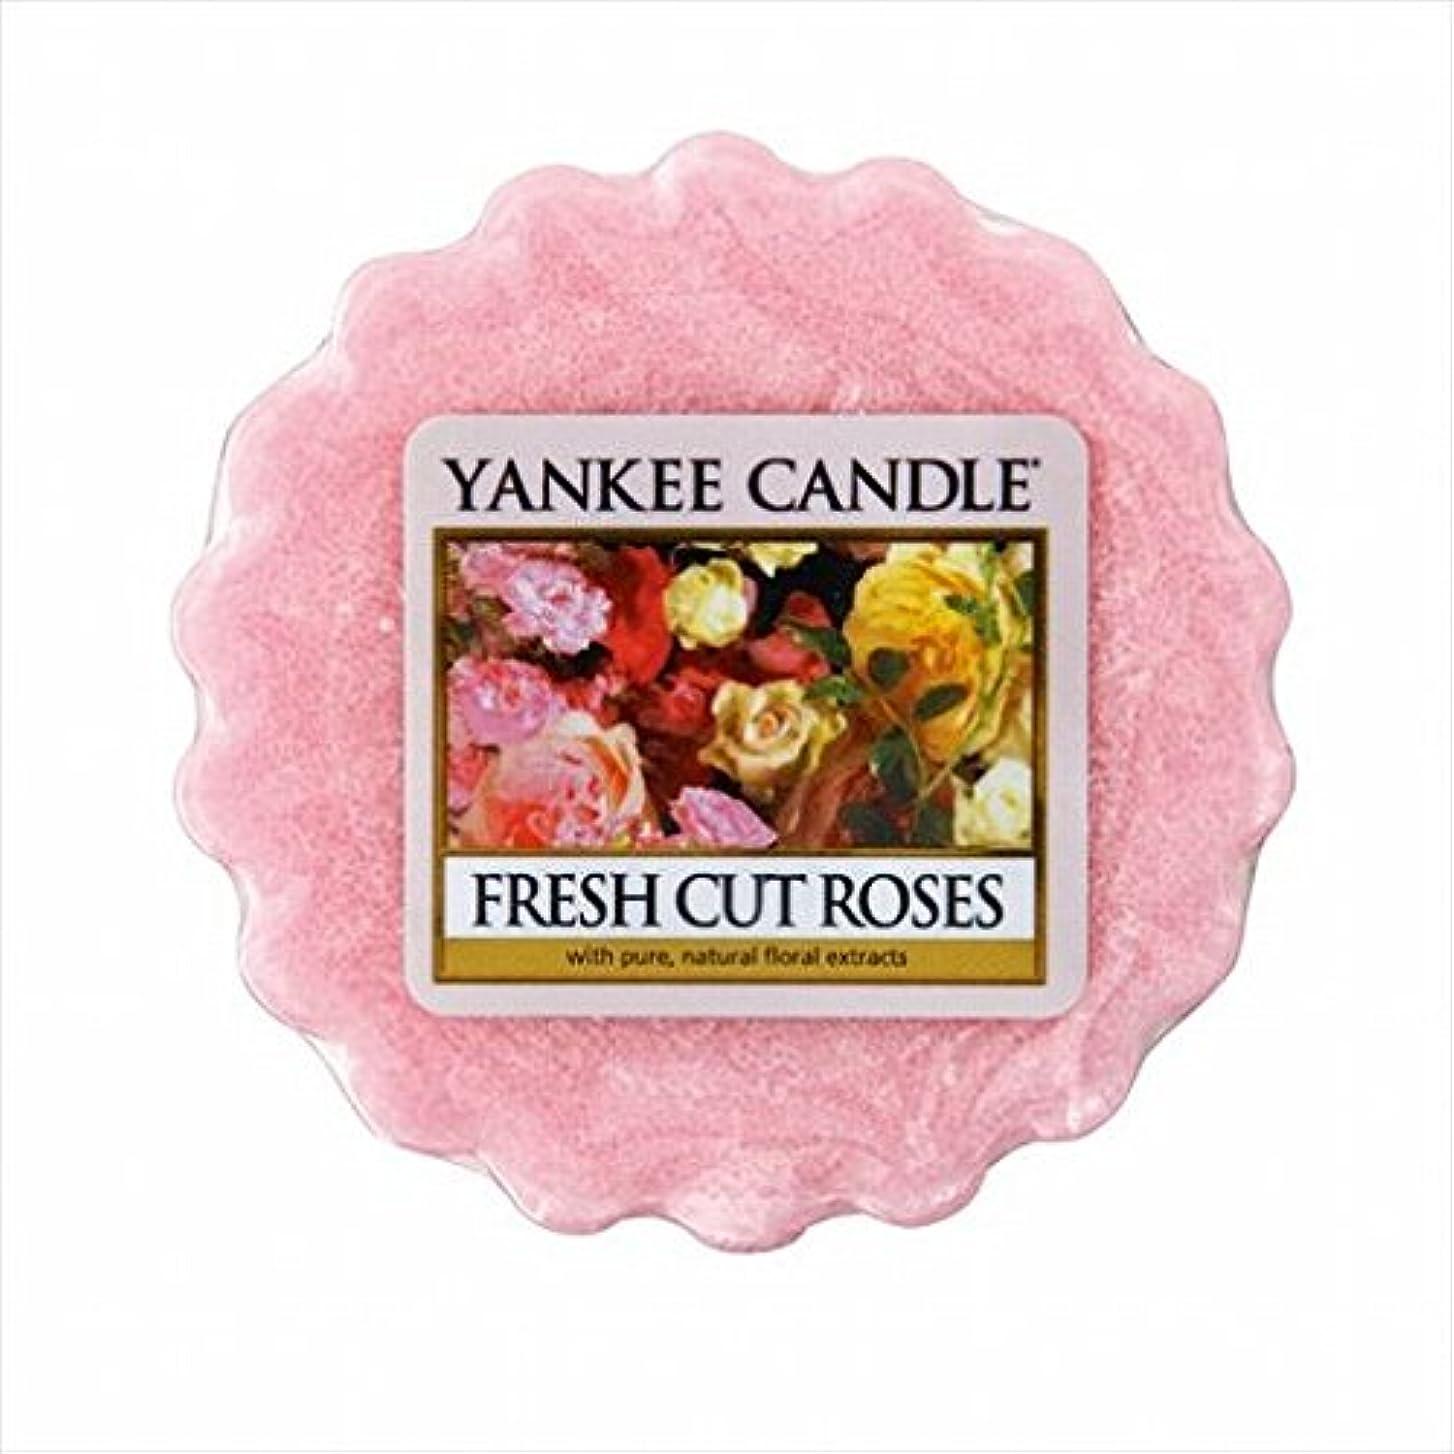 弾薬フィット癌カメヤマキャンドル( kameyama candle ) YANKEE CANDLE タルト ワックスポプリ 「 フレッシュカットローズ 」